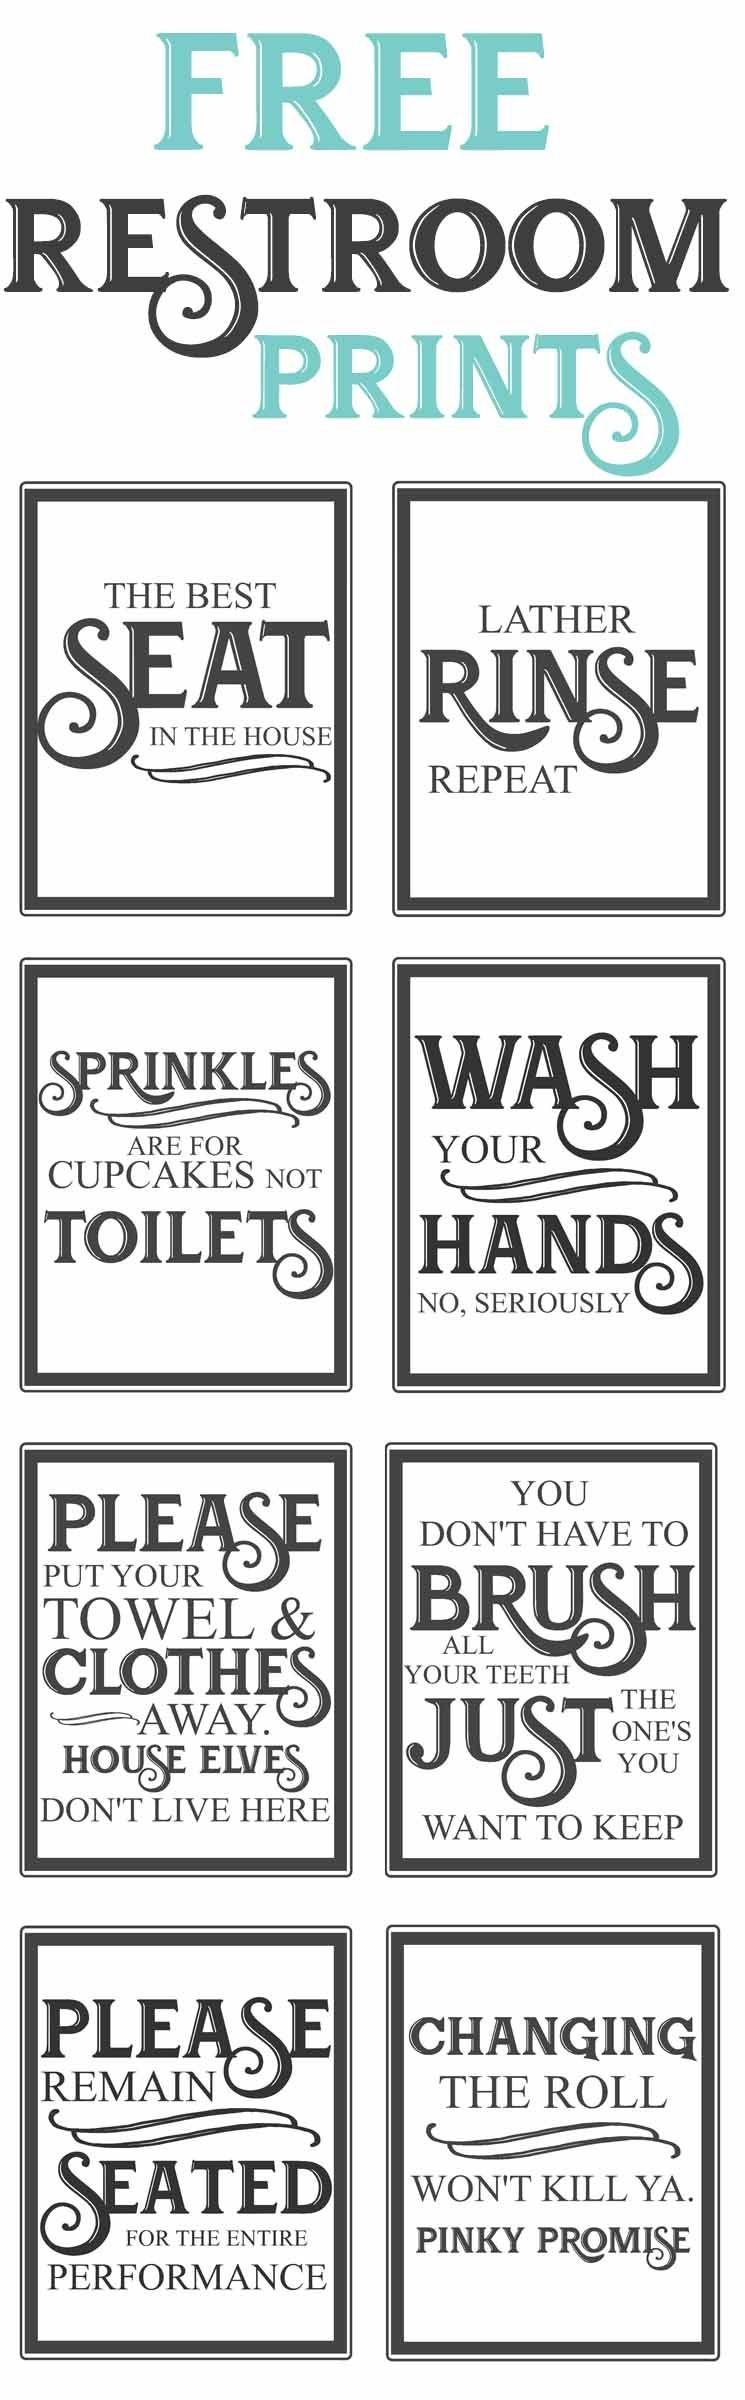 Free Vintage Bathroom Printables | Diy | Vintage Bathrooms, Diy Home - Free Funny Bathroom Printables